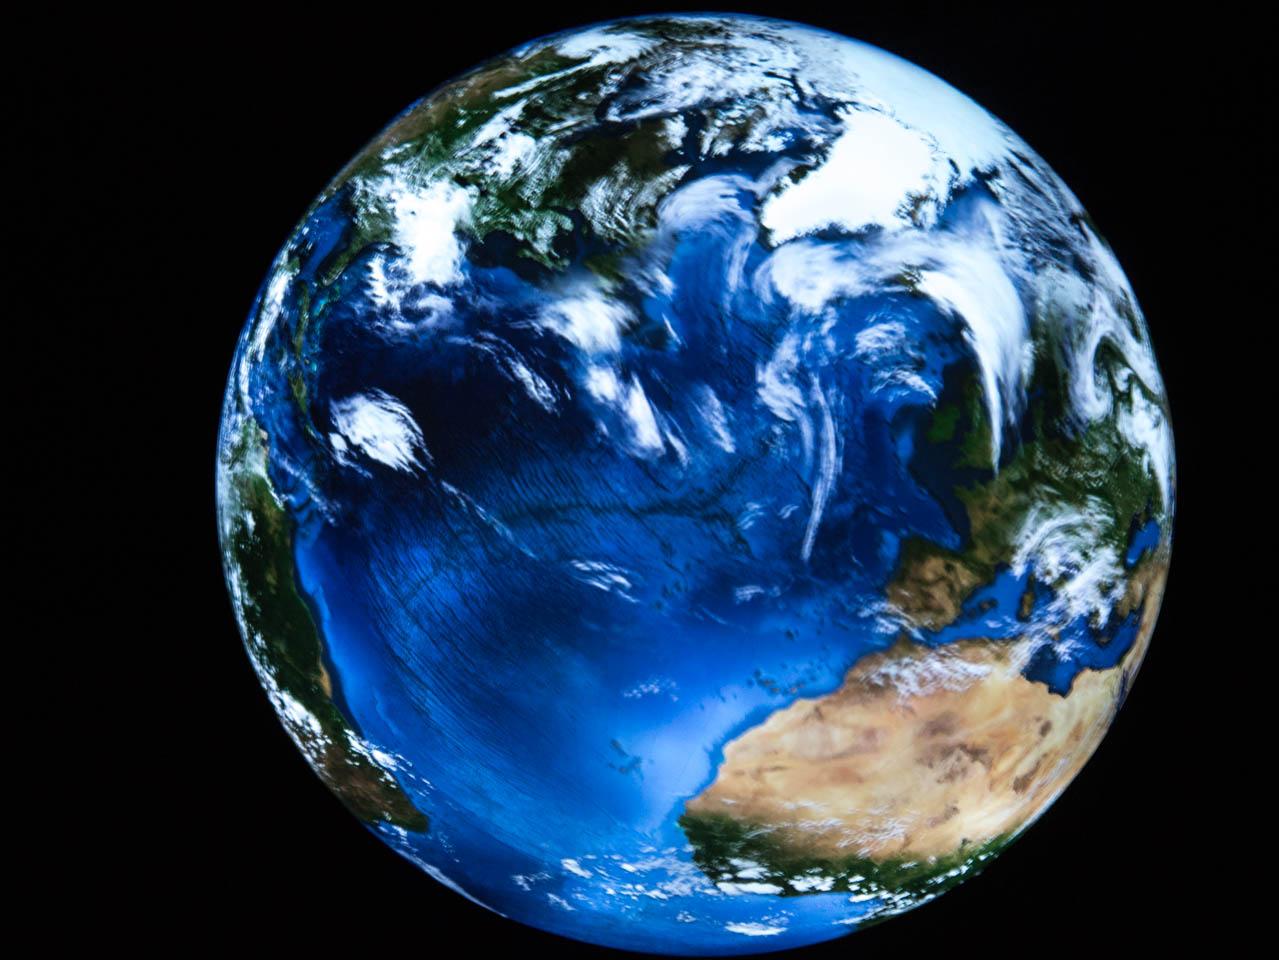 Die Erde (1 von 1)